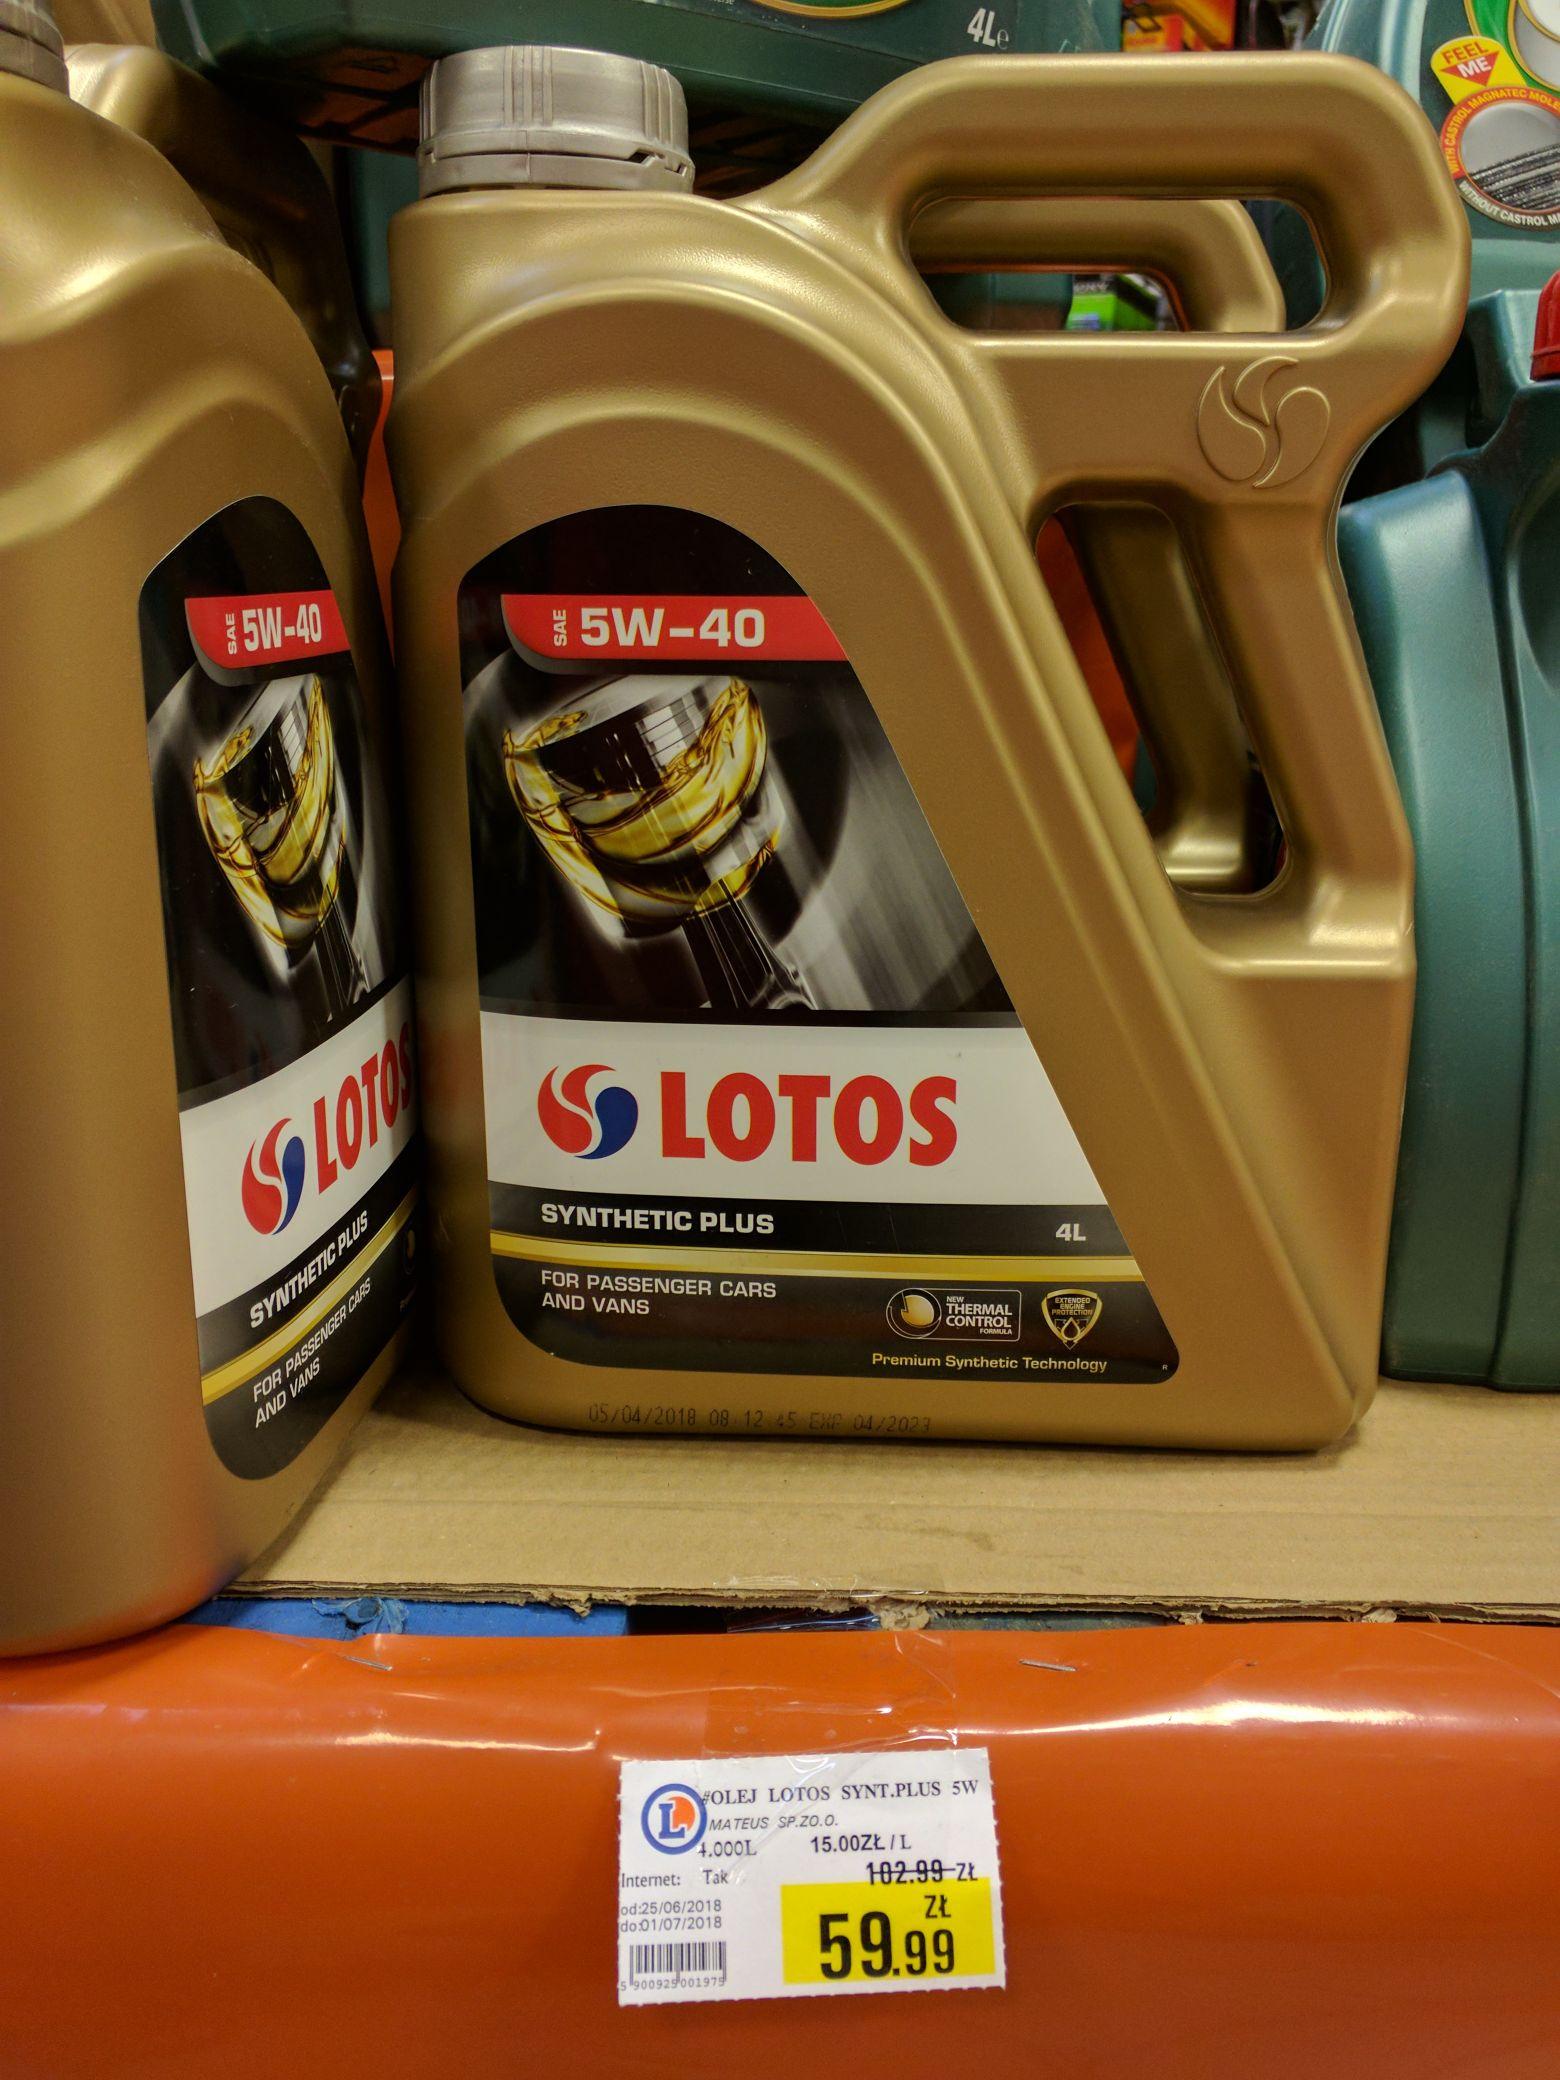 4L syntetycznego oleju Lotos w ciekawej promocji w Leclerc Wrocław